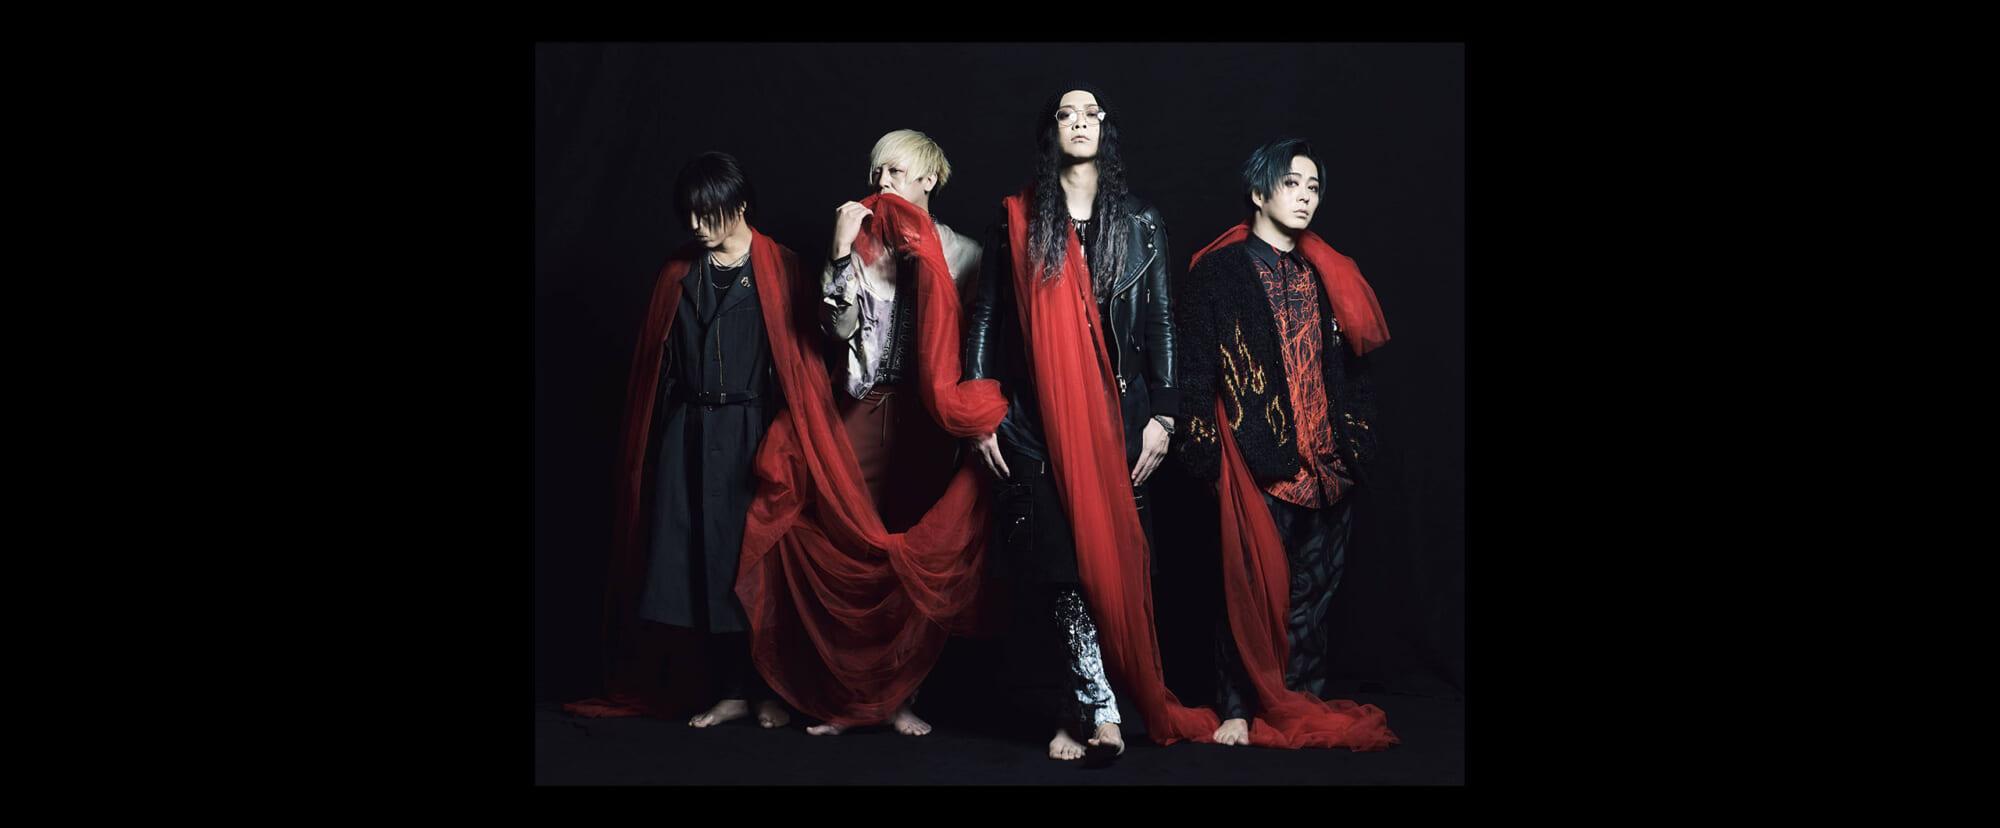 MUCC、無観客配信ライブ第二弾を2020年9月20日(日)に実施!